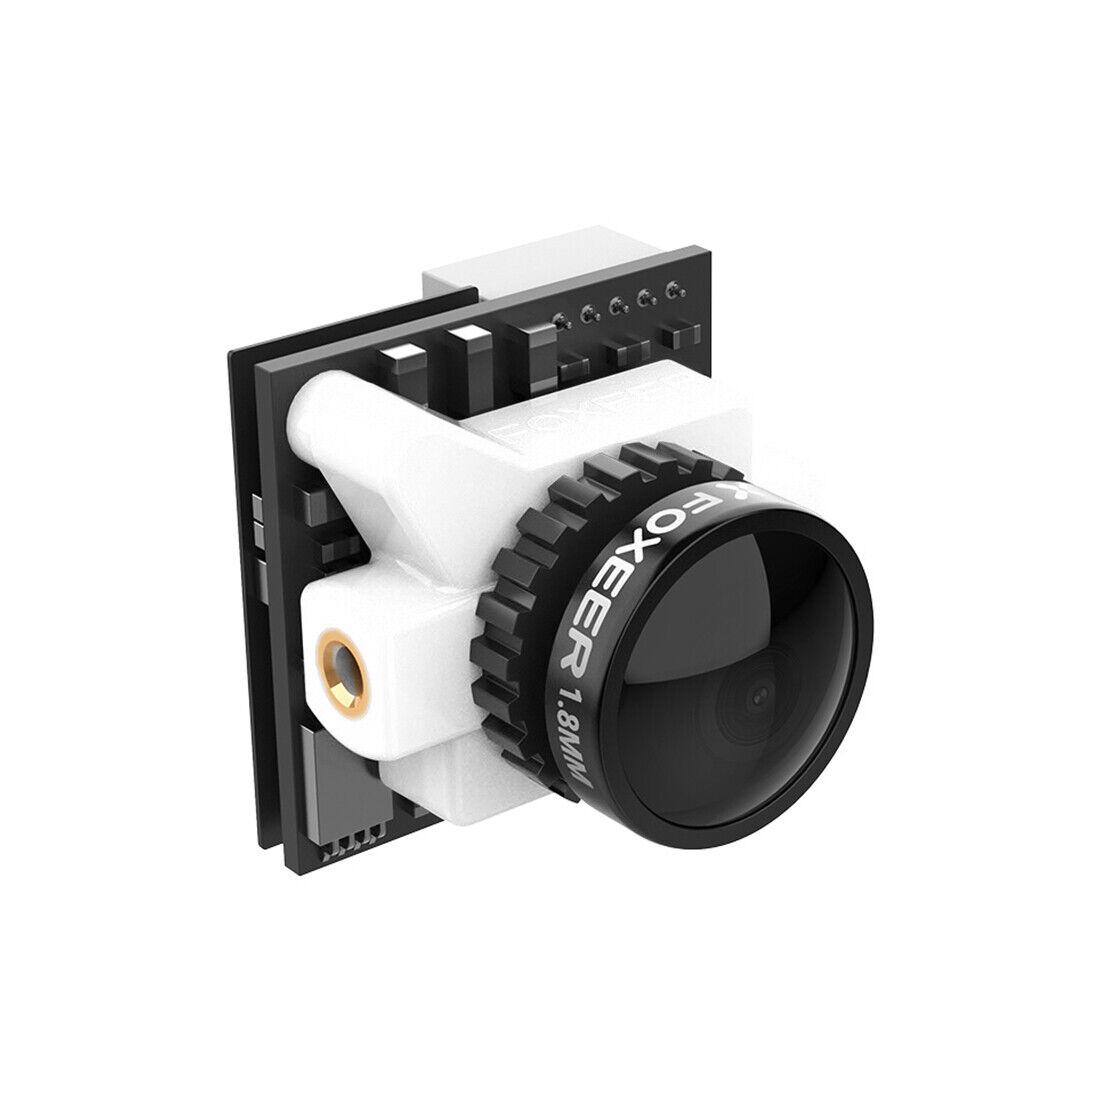 Foxeer Micro Falkor 1200TVL Cámara PAL NTSC gwdr conmutable para la vista en primera persona Racing Drone